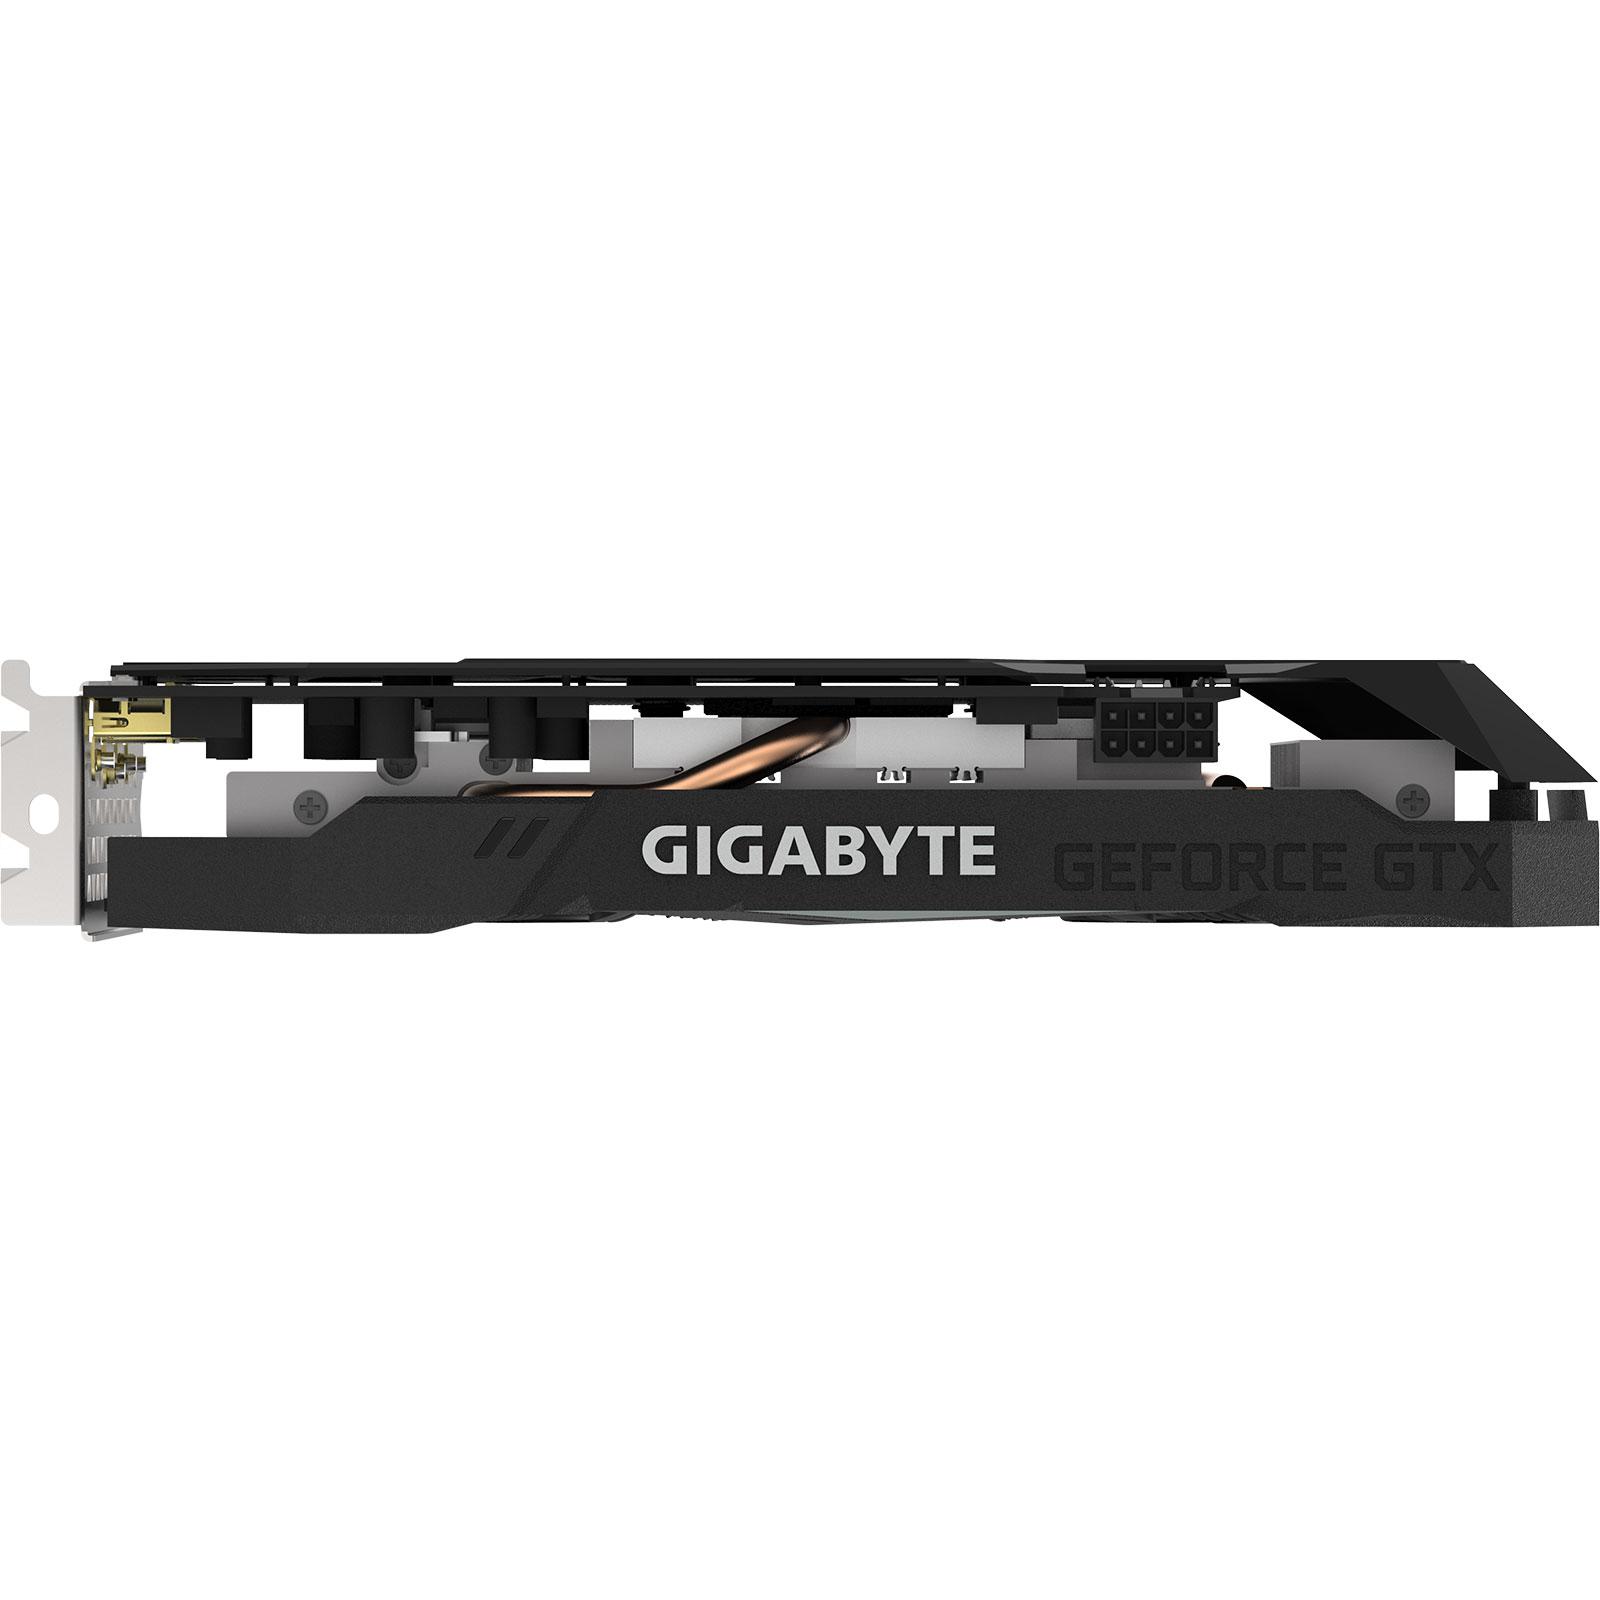 Gigabyte GV-N166TOC-6GD 6Go - Carte graphique Gigabyte - 3